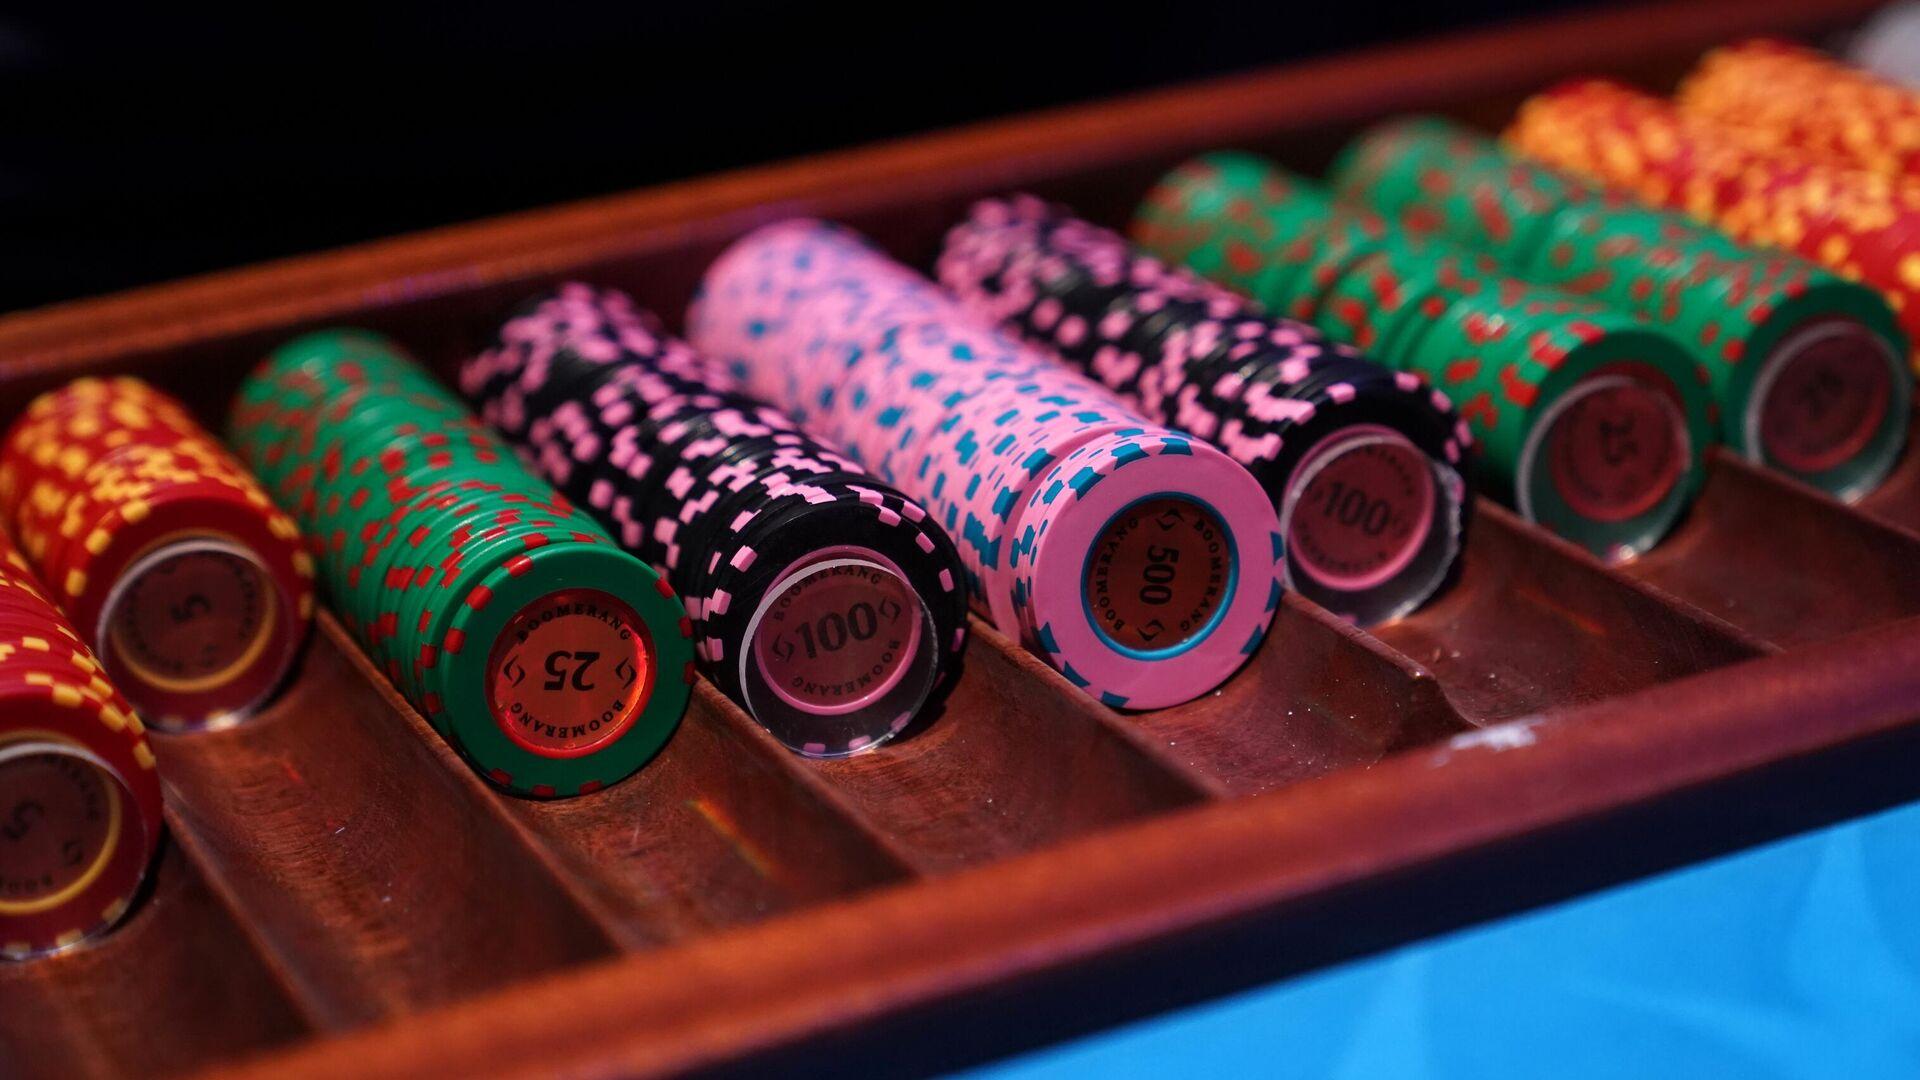 Фишки на игровом столе в казино - РИА Новости, 1920, 21.05.2021